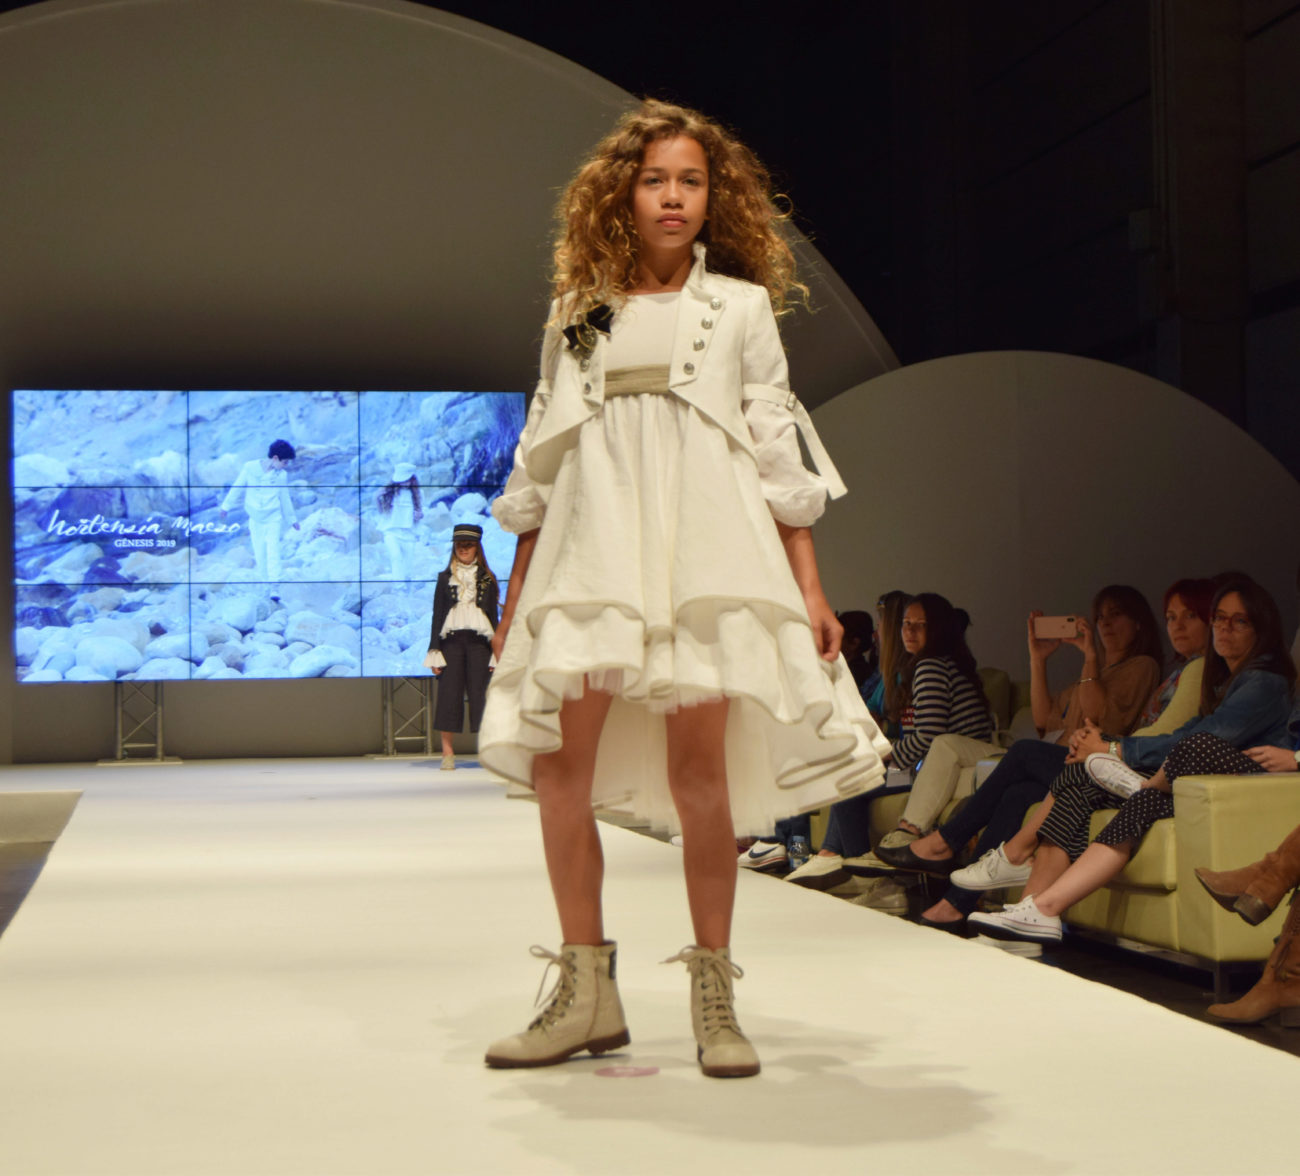 La diseñadora valenciana, Hortensia Maeso, ha presentado su próxima...